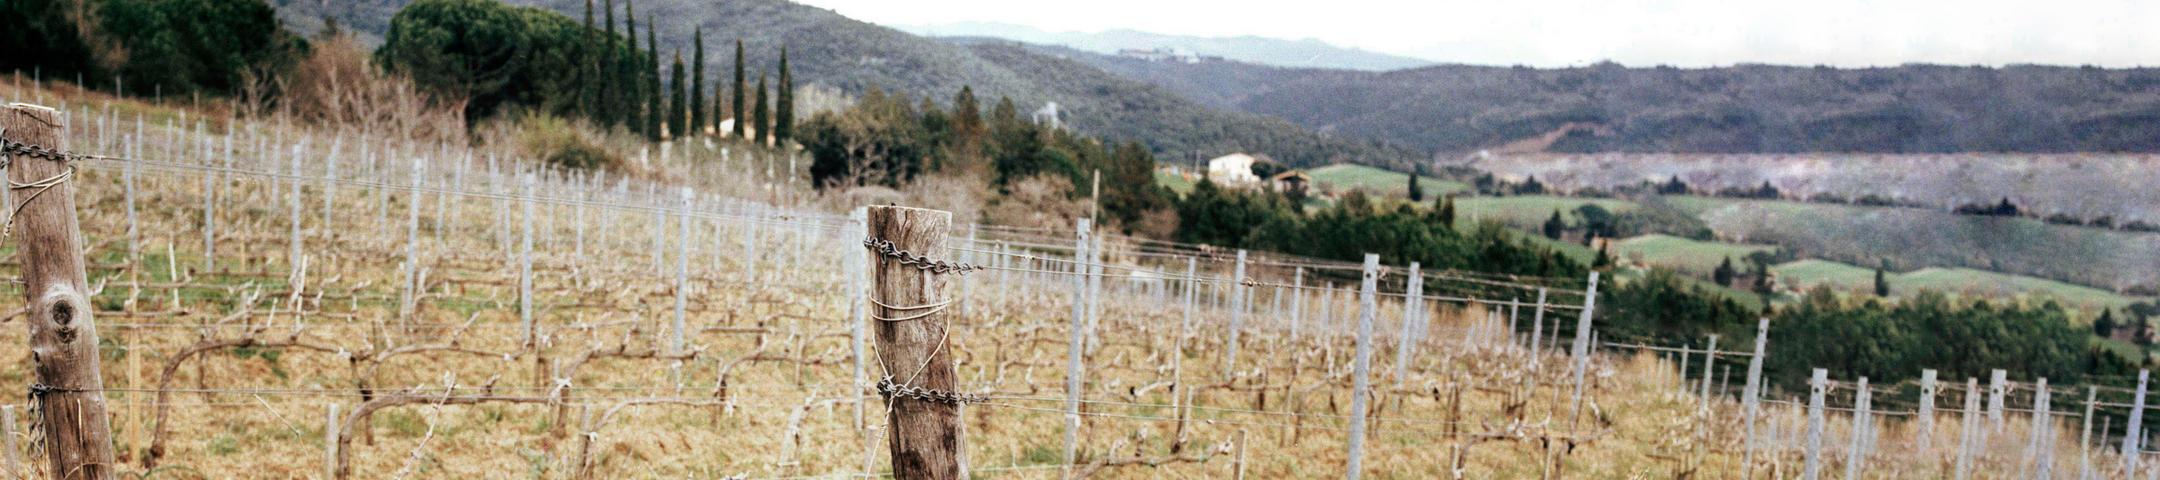 2016 Brunello di Montalcino vintage report